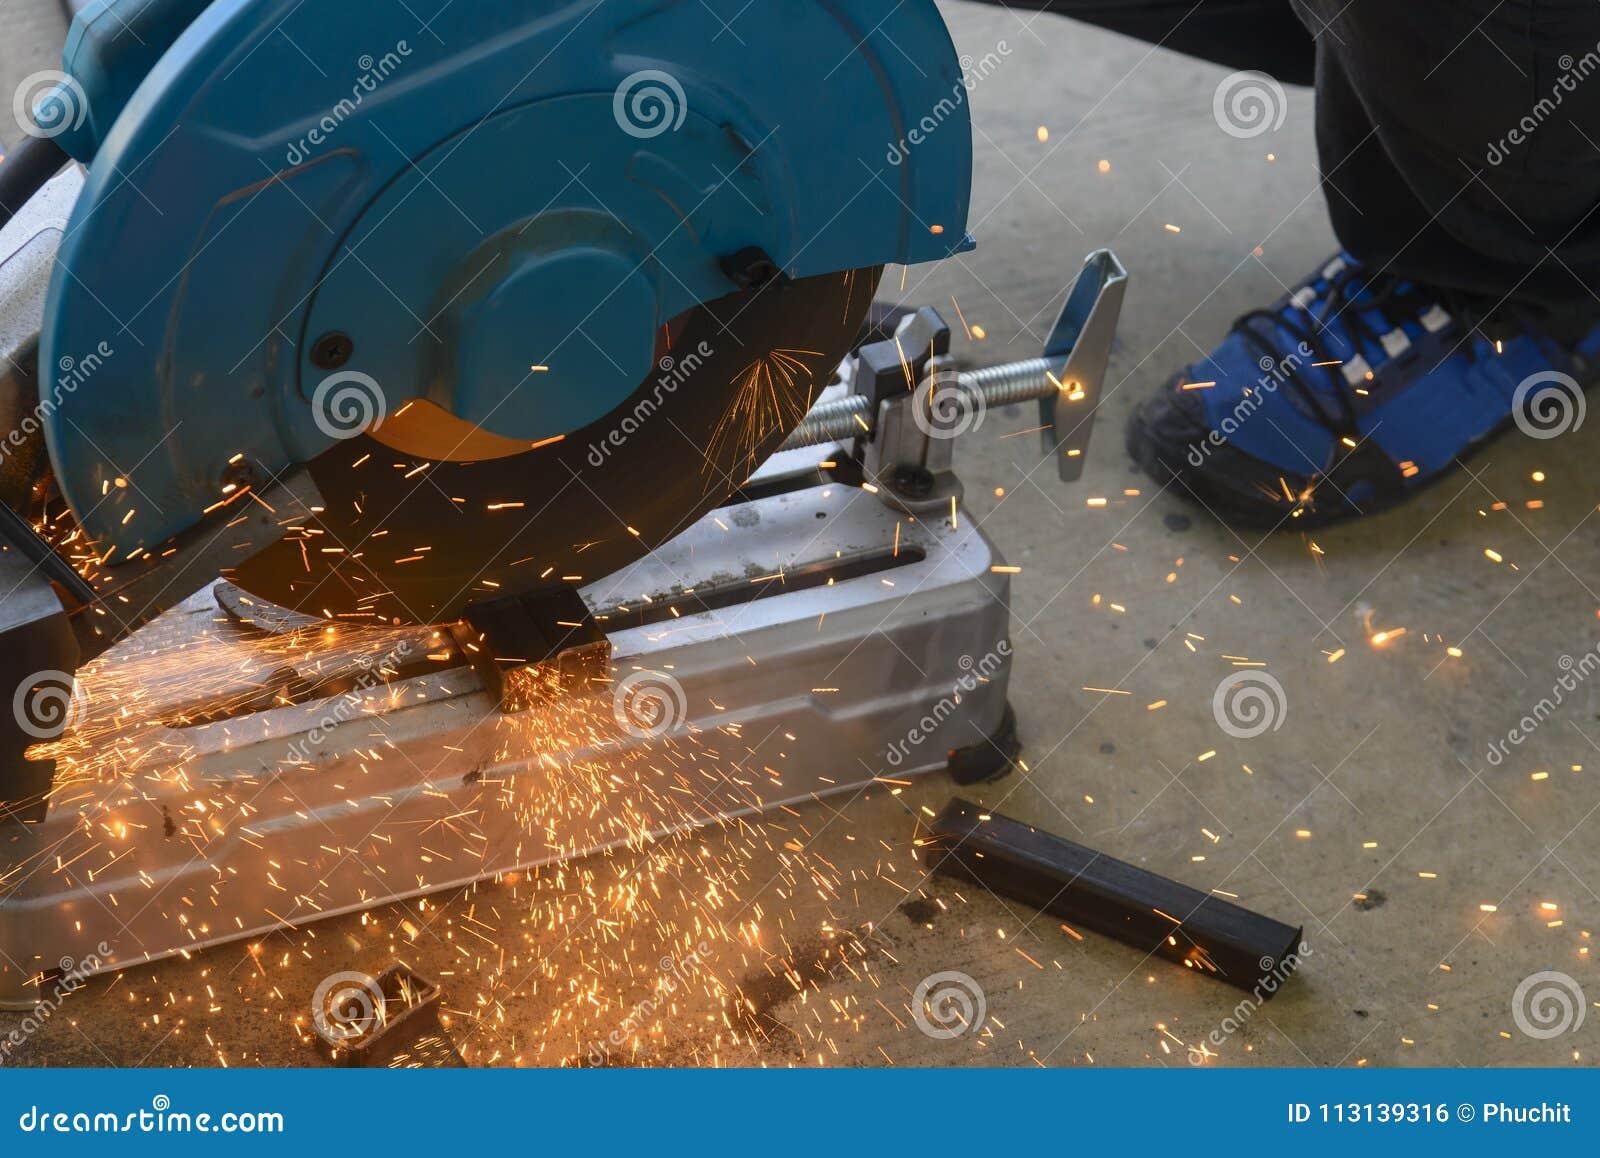 Circular fiber blade sawing machine